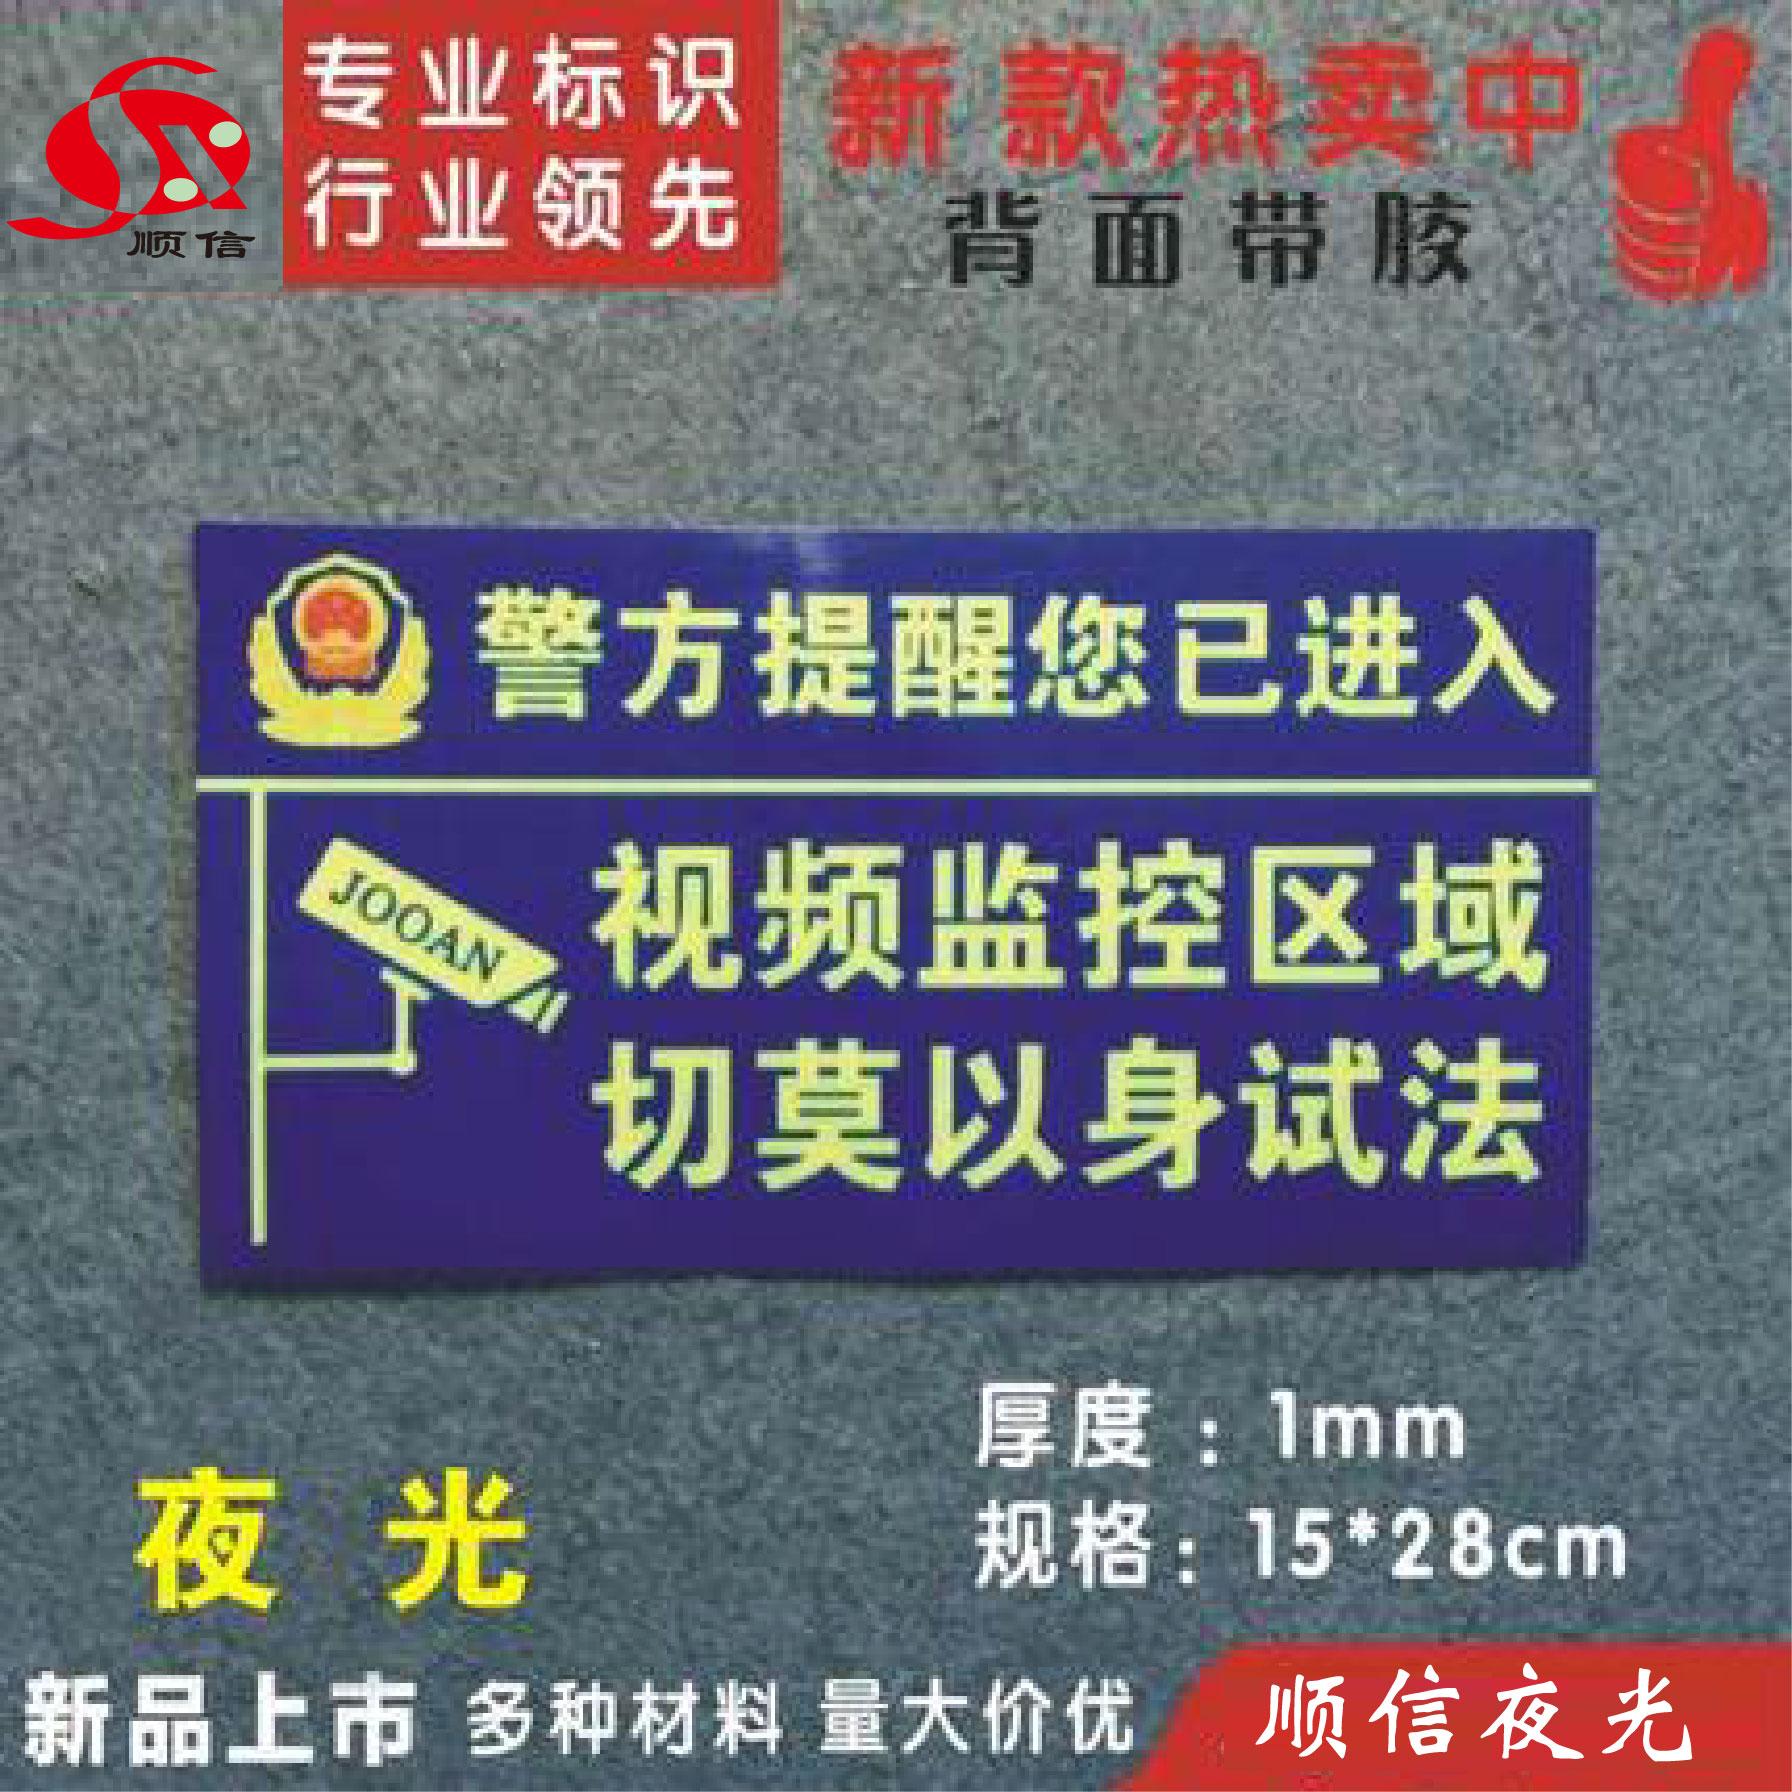 夜光警方提醒视频监控区域切莫以身试法温馨提示标志指示牌墙贴